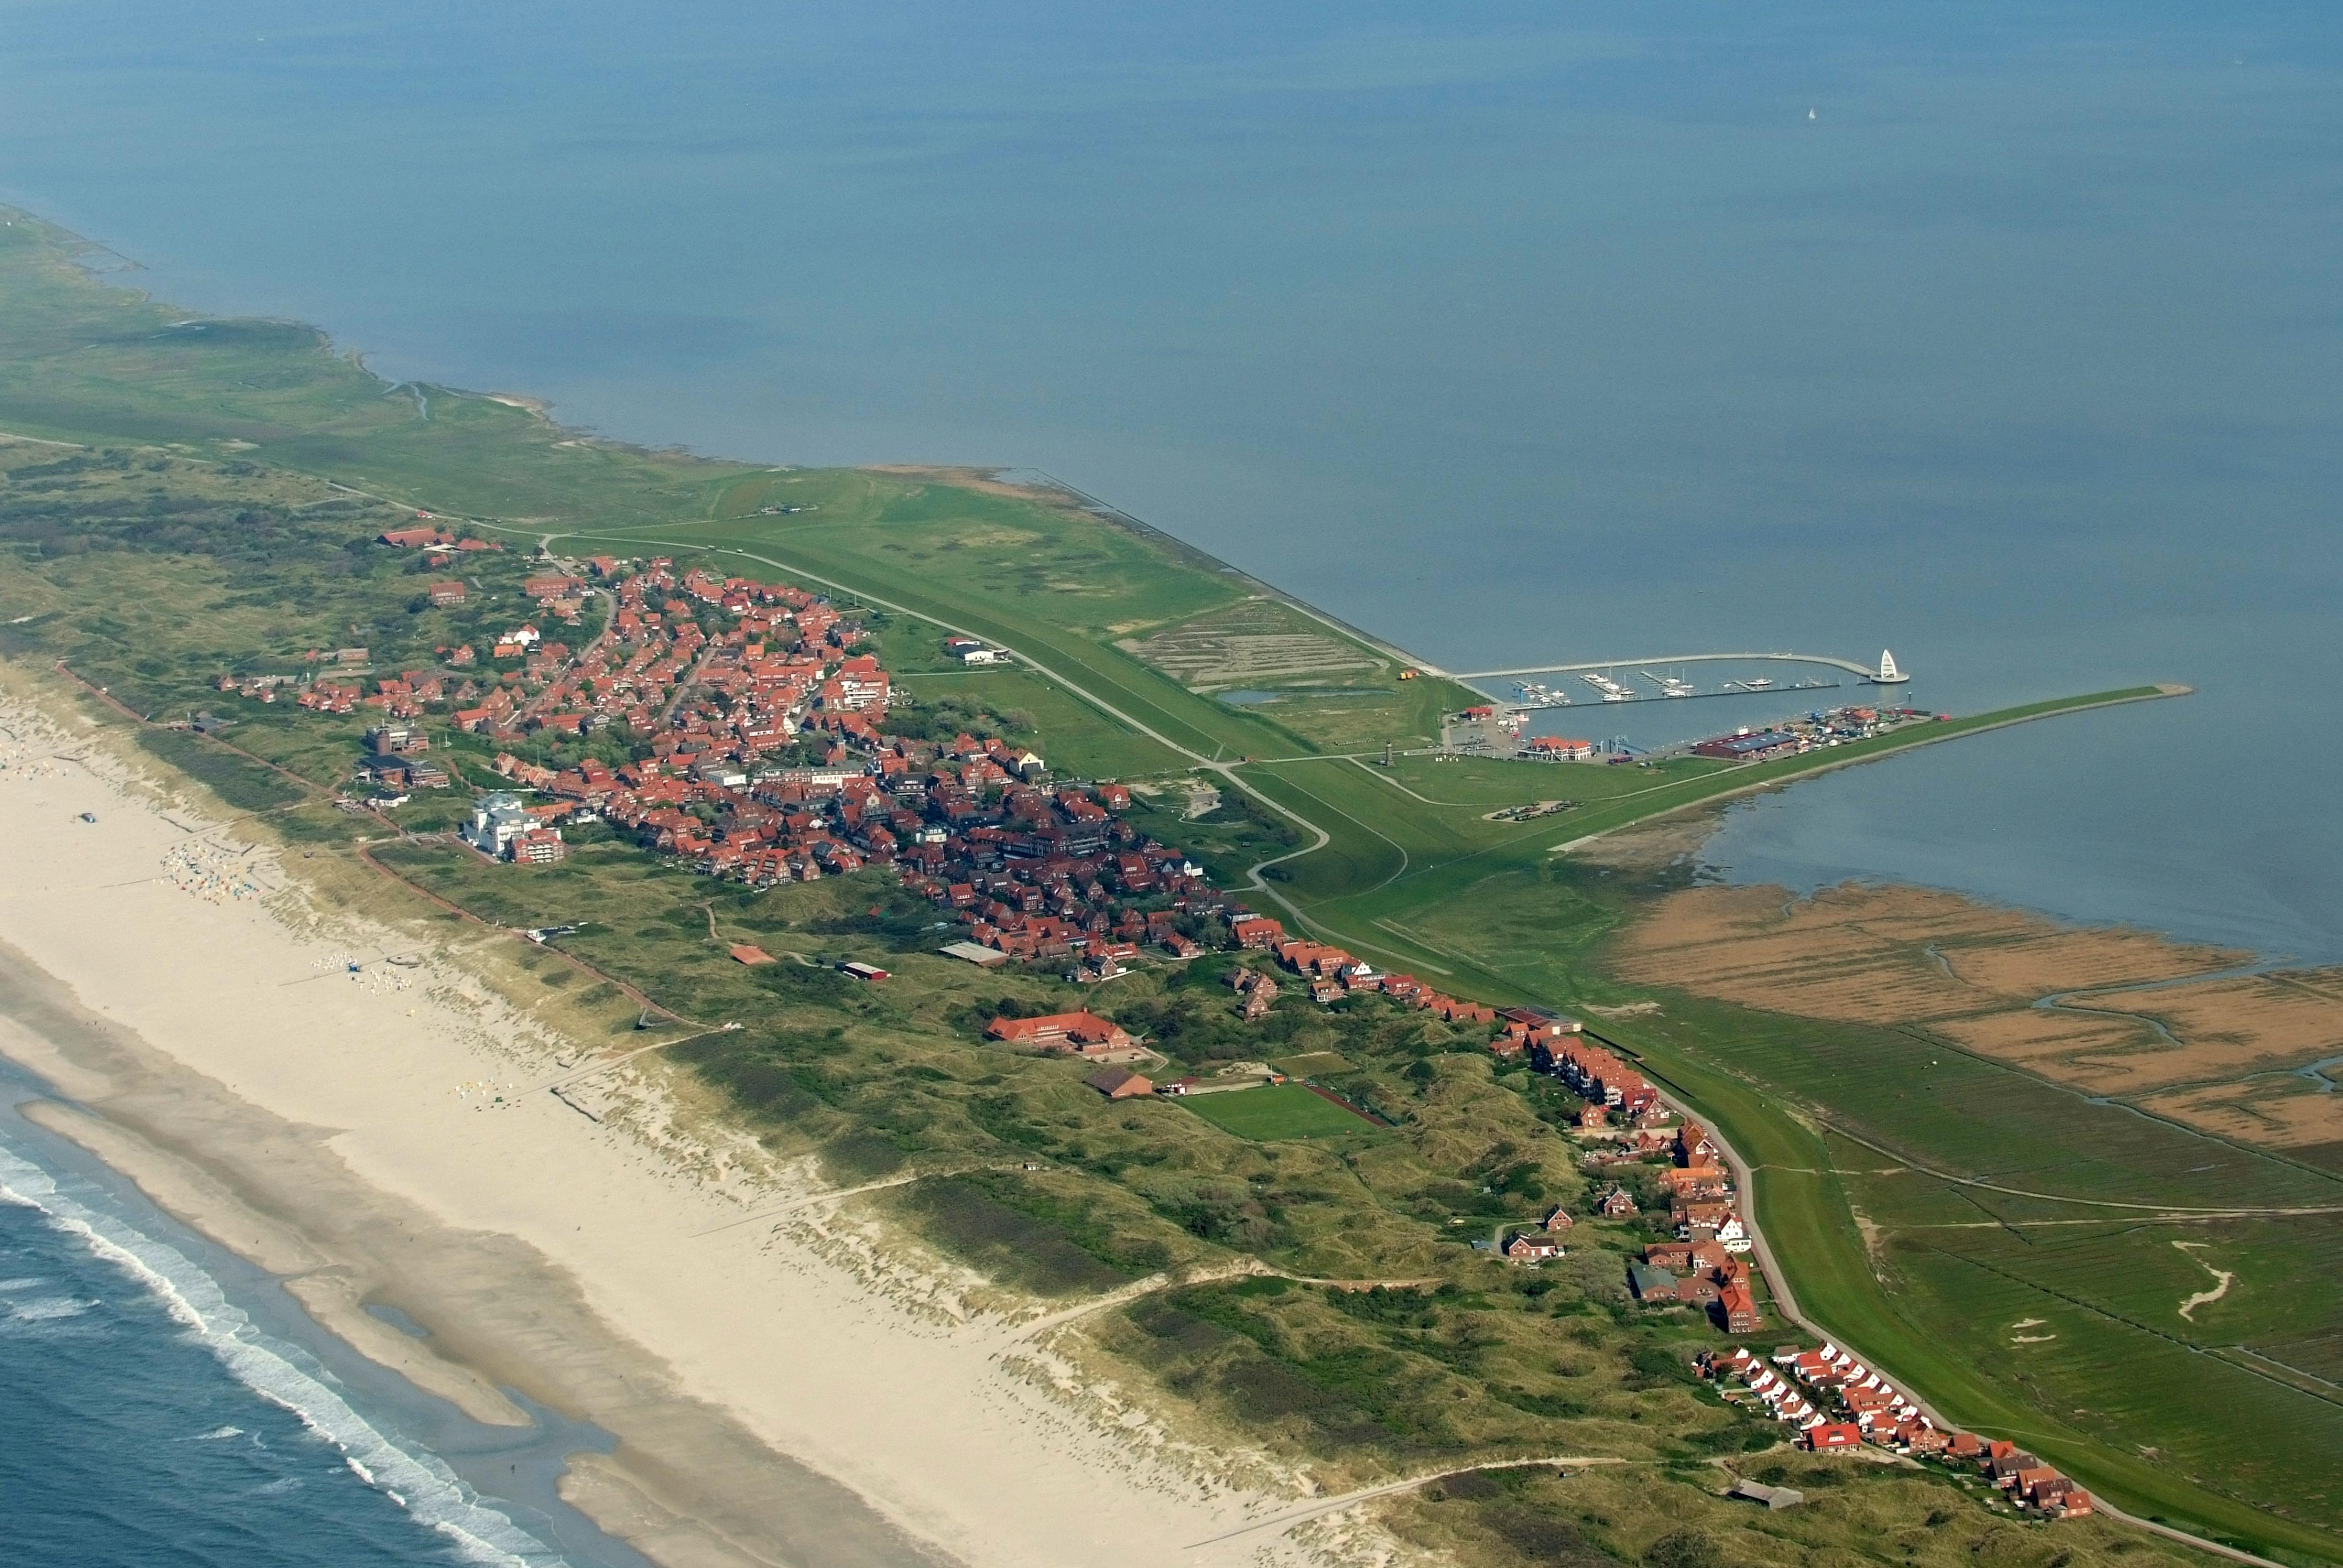 File:2012-05-13 Nordsee-Luftbilder DSCF8820.jpg - Wikimedia Commons